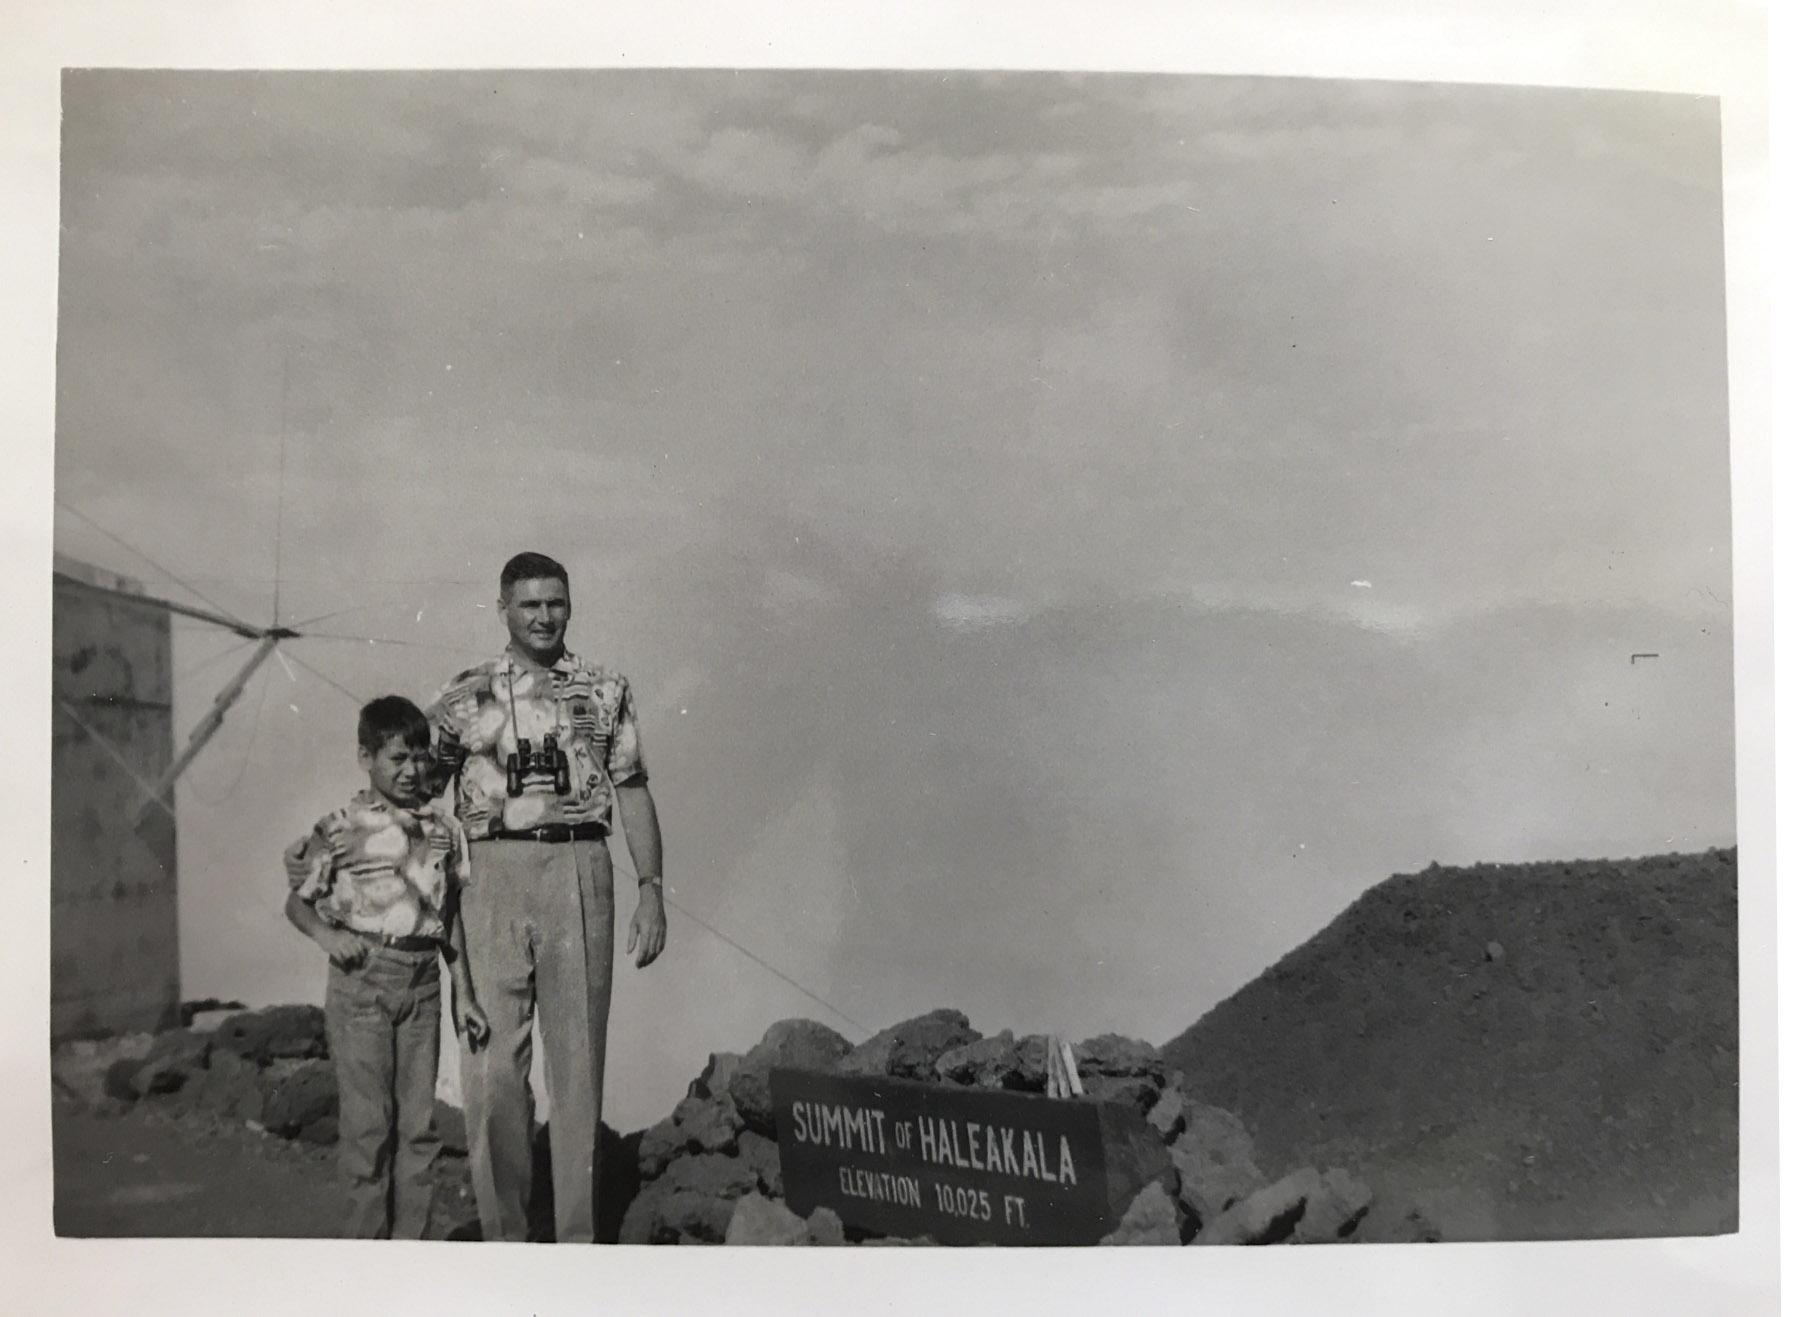 Haleakala 1956